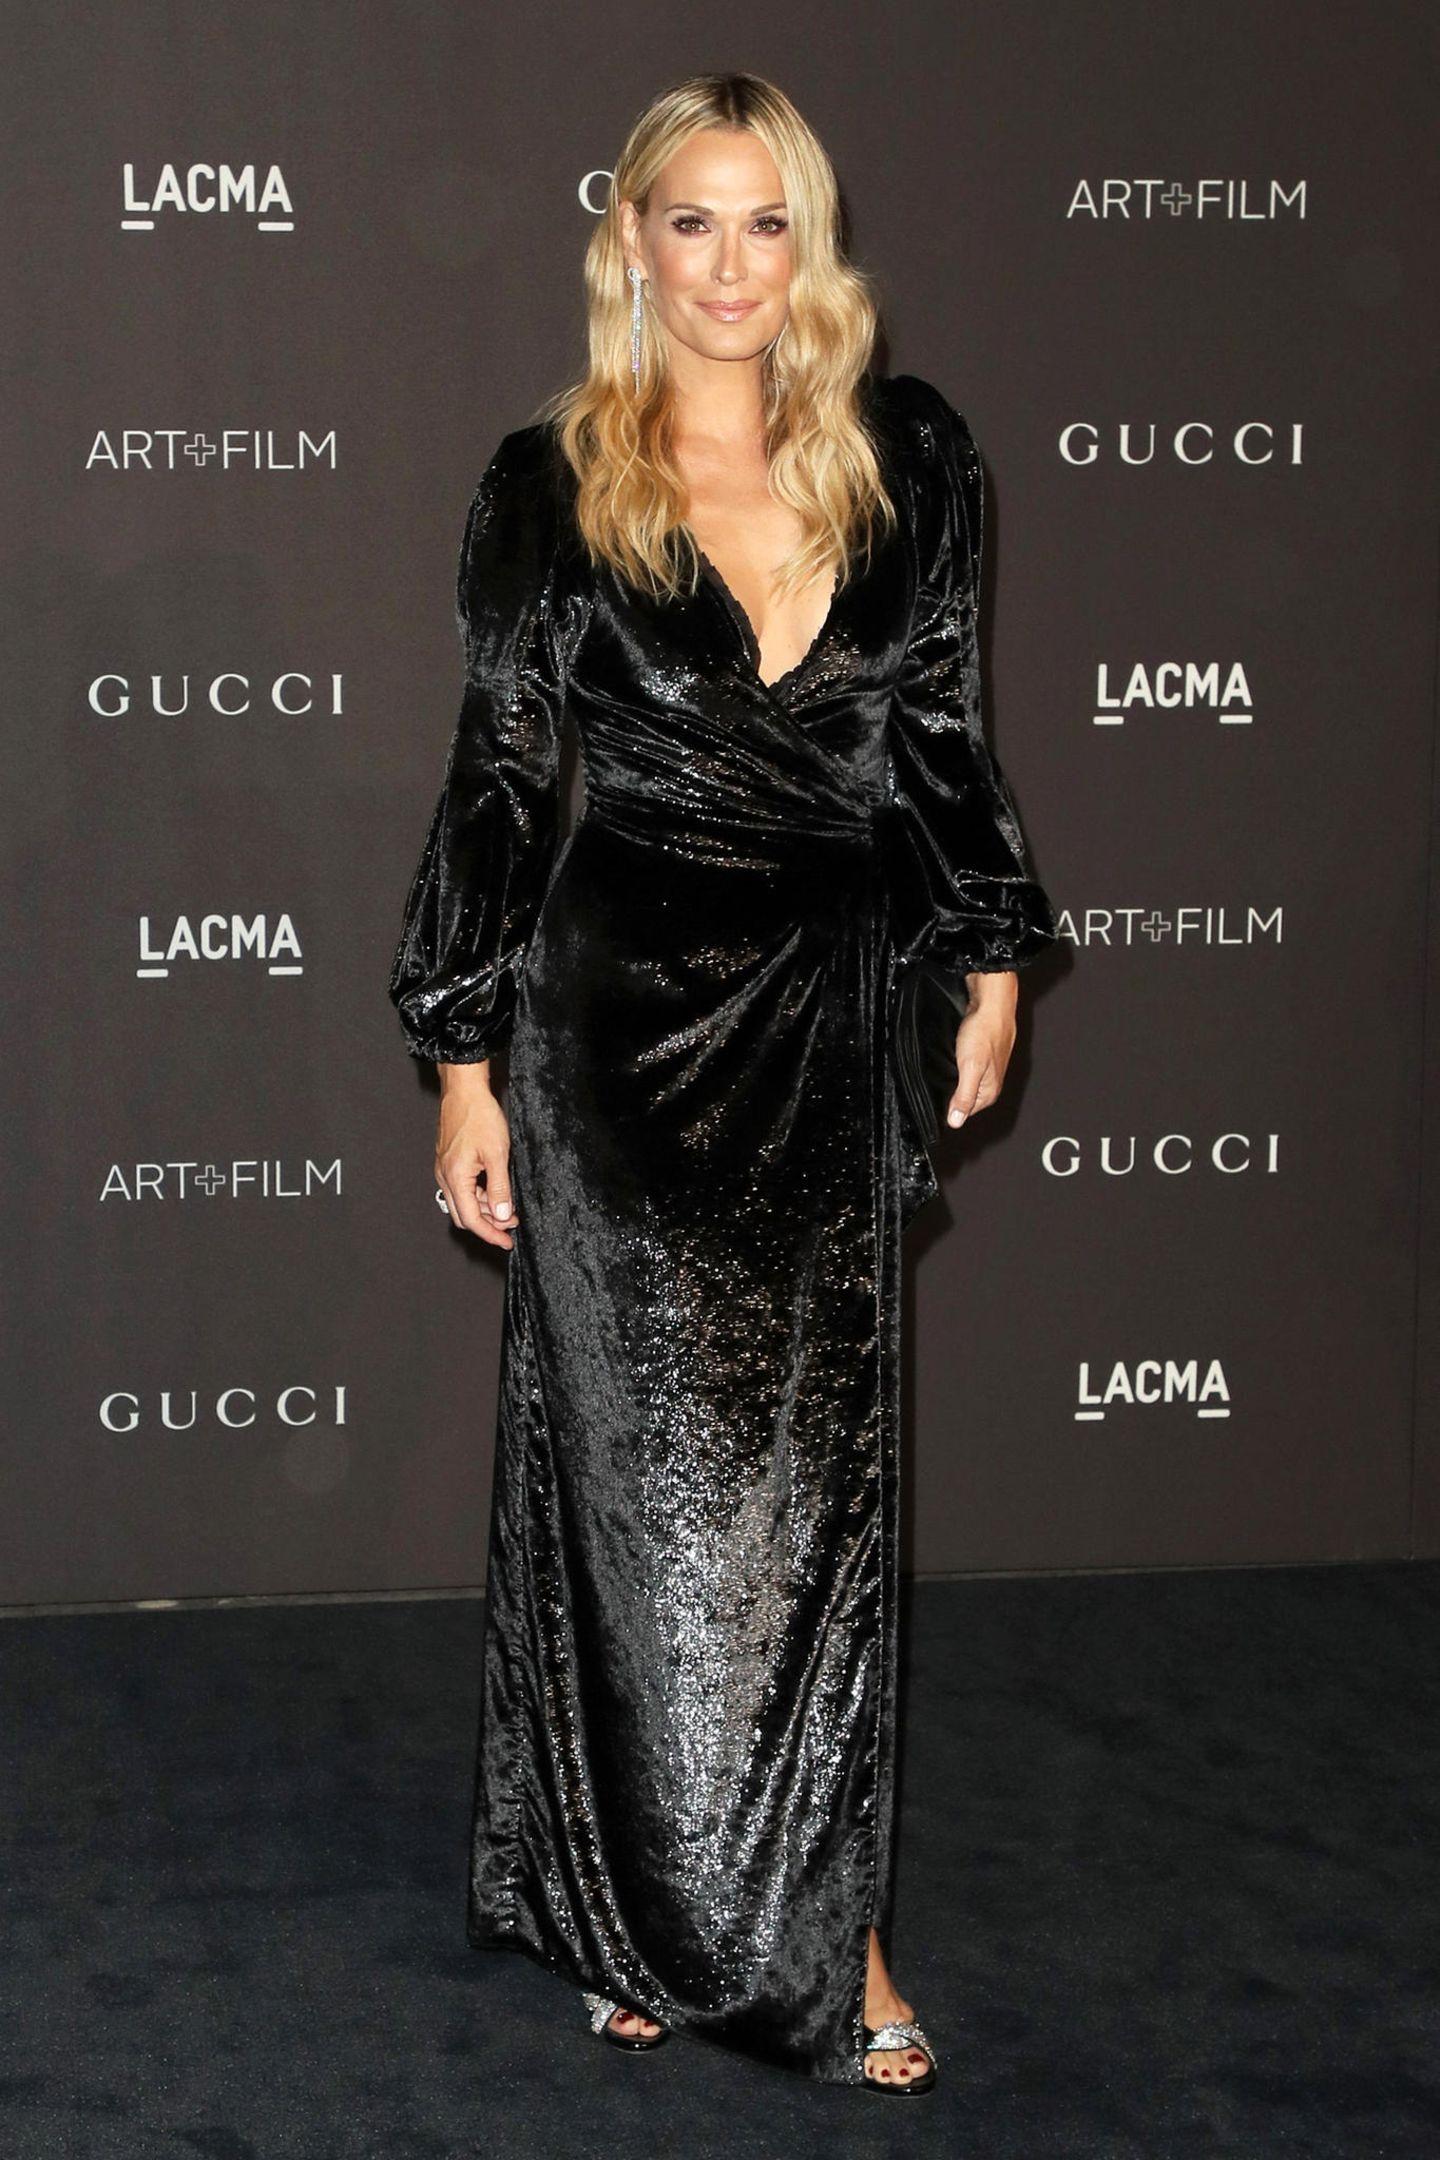 Wie eine Sternennacht glitzert auch Molly Sims im schwarzen Pailletten-Kleid.